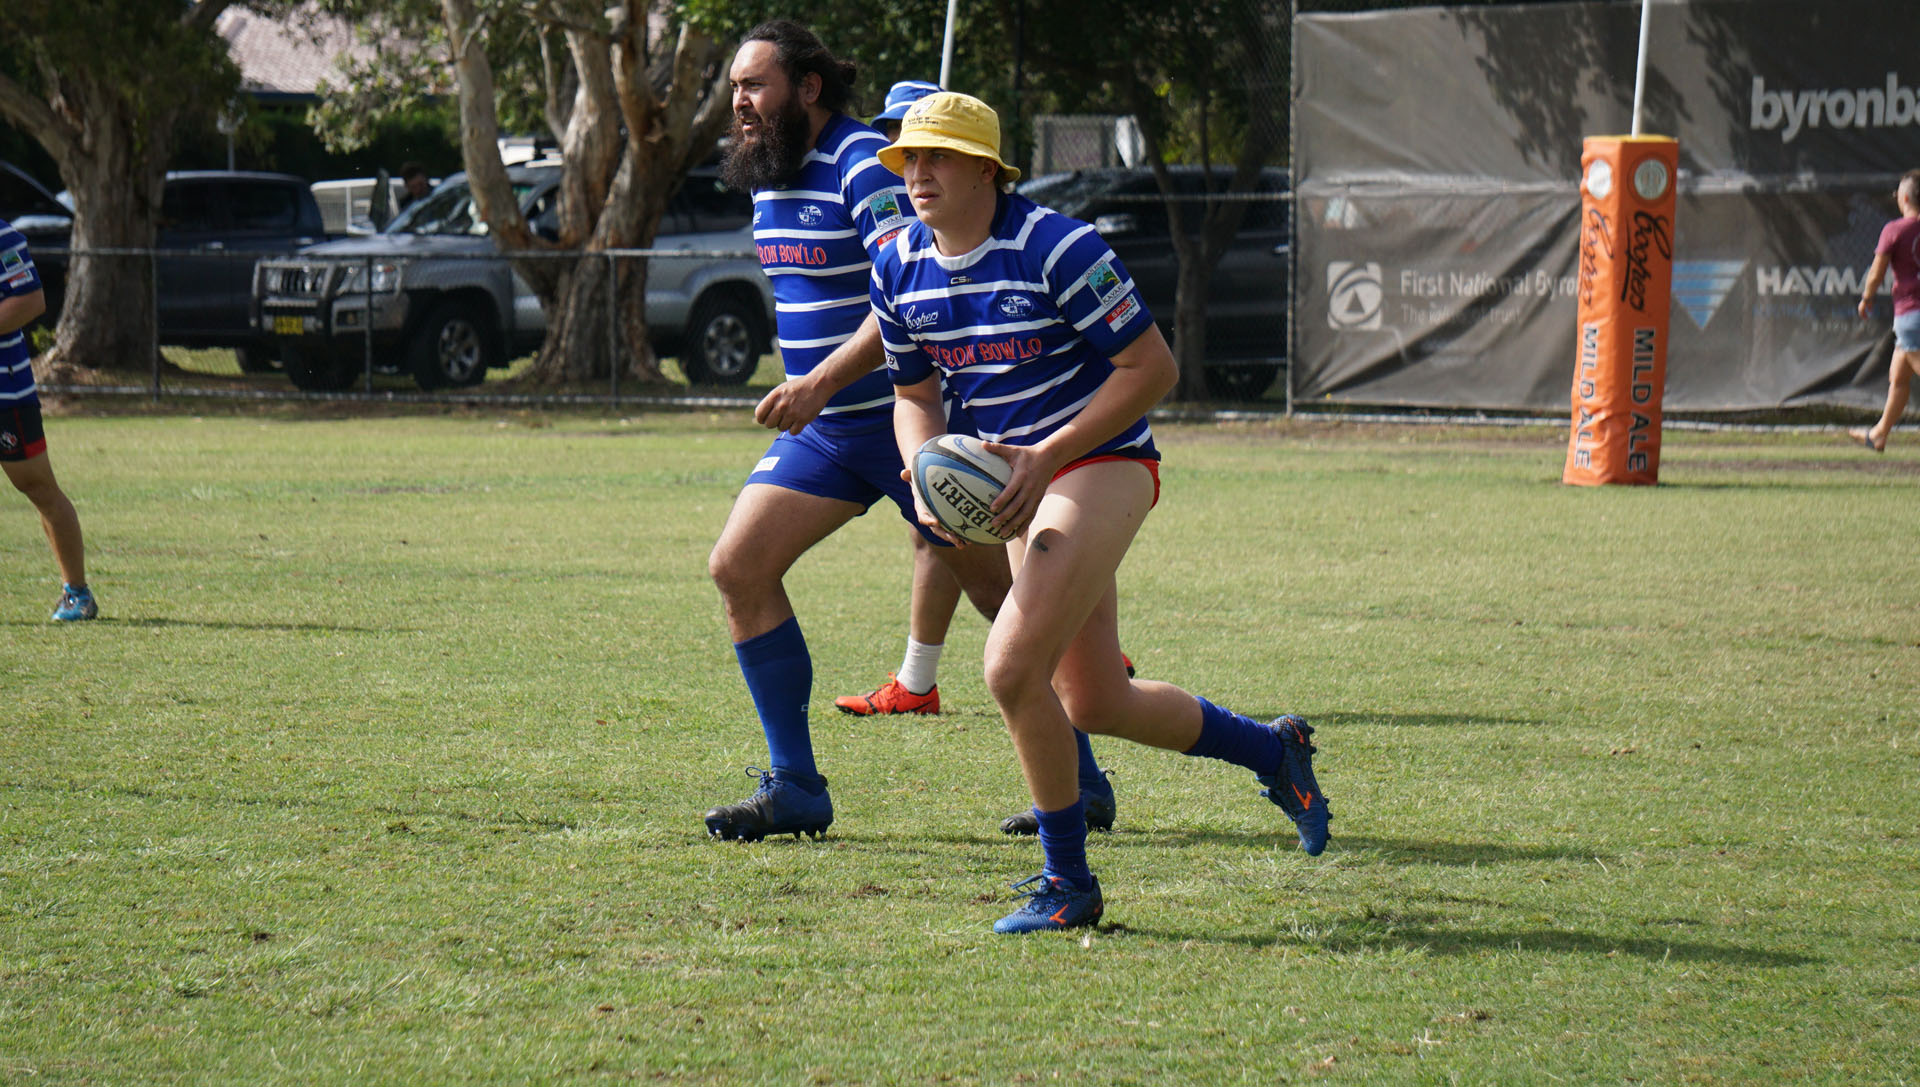 191019-20_Byron Bay Rugby 7s 2019_2